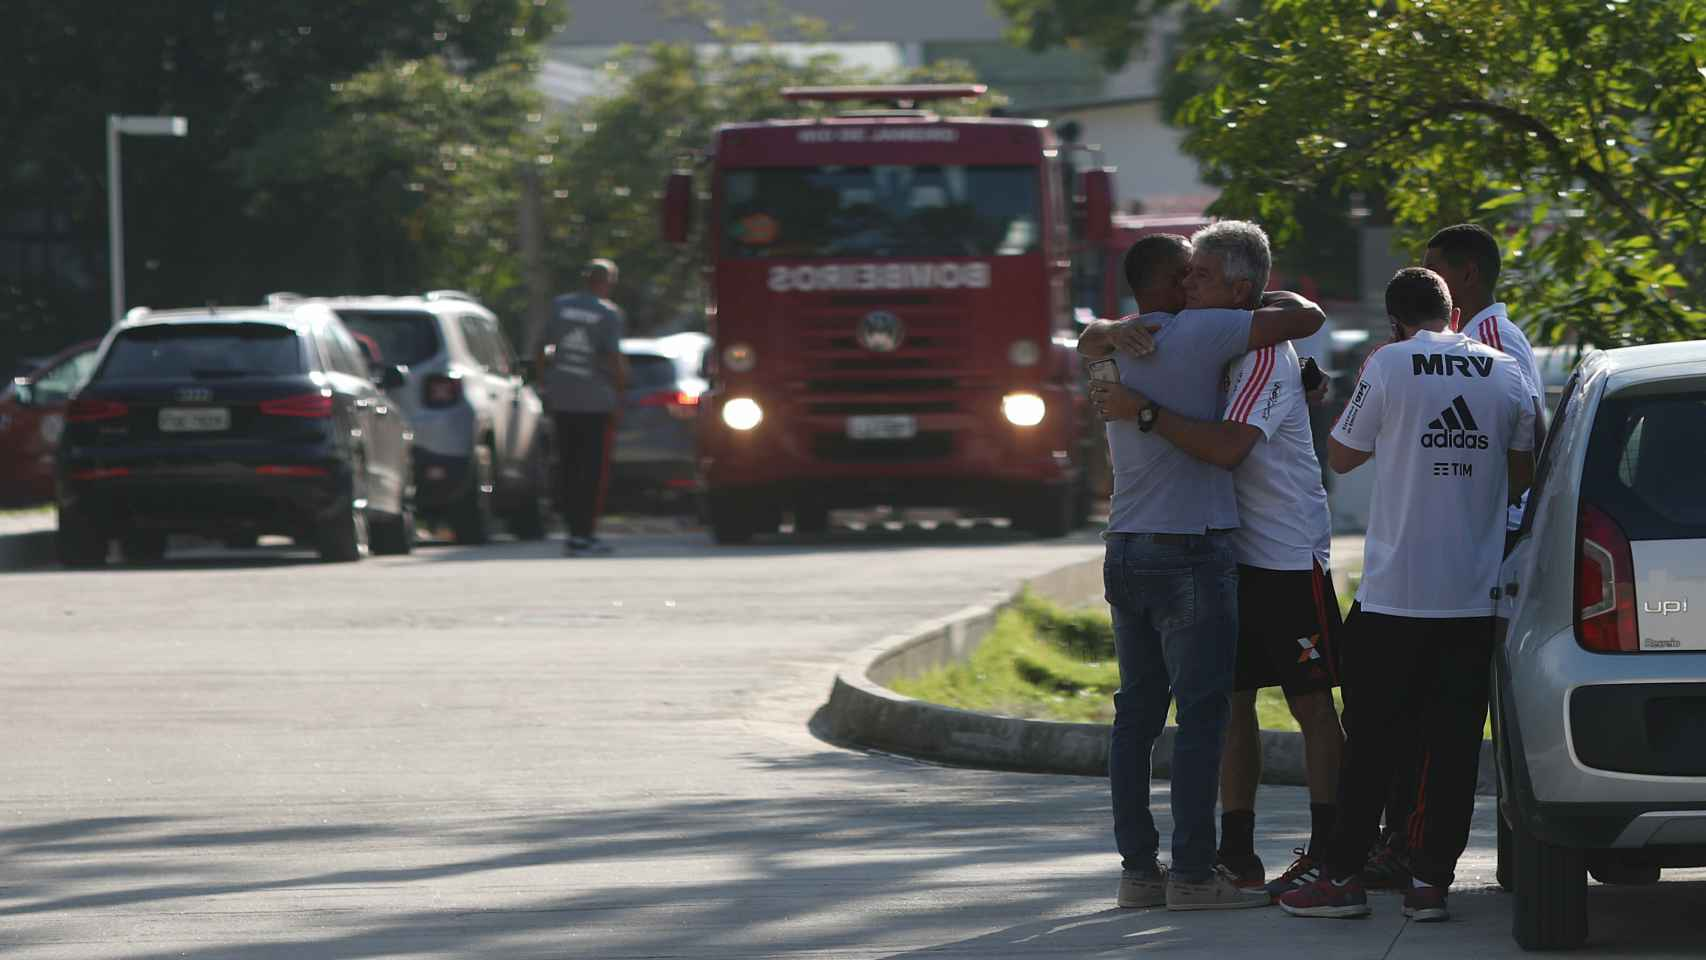 El fuego le ha costado la vida a 10 personas, entre ellos seis canteranos